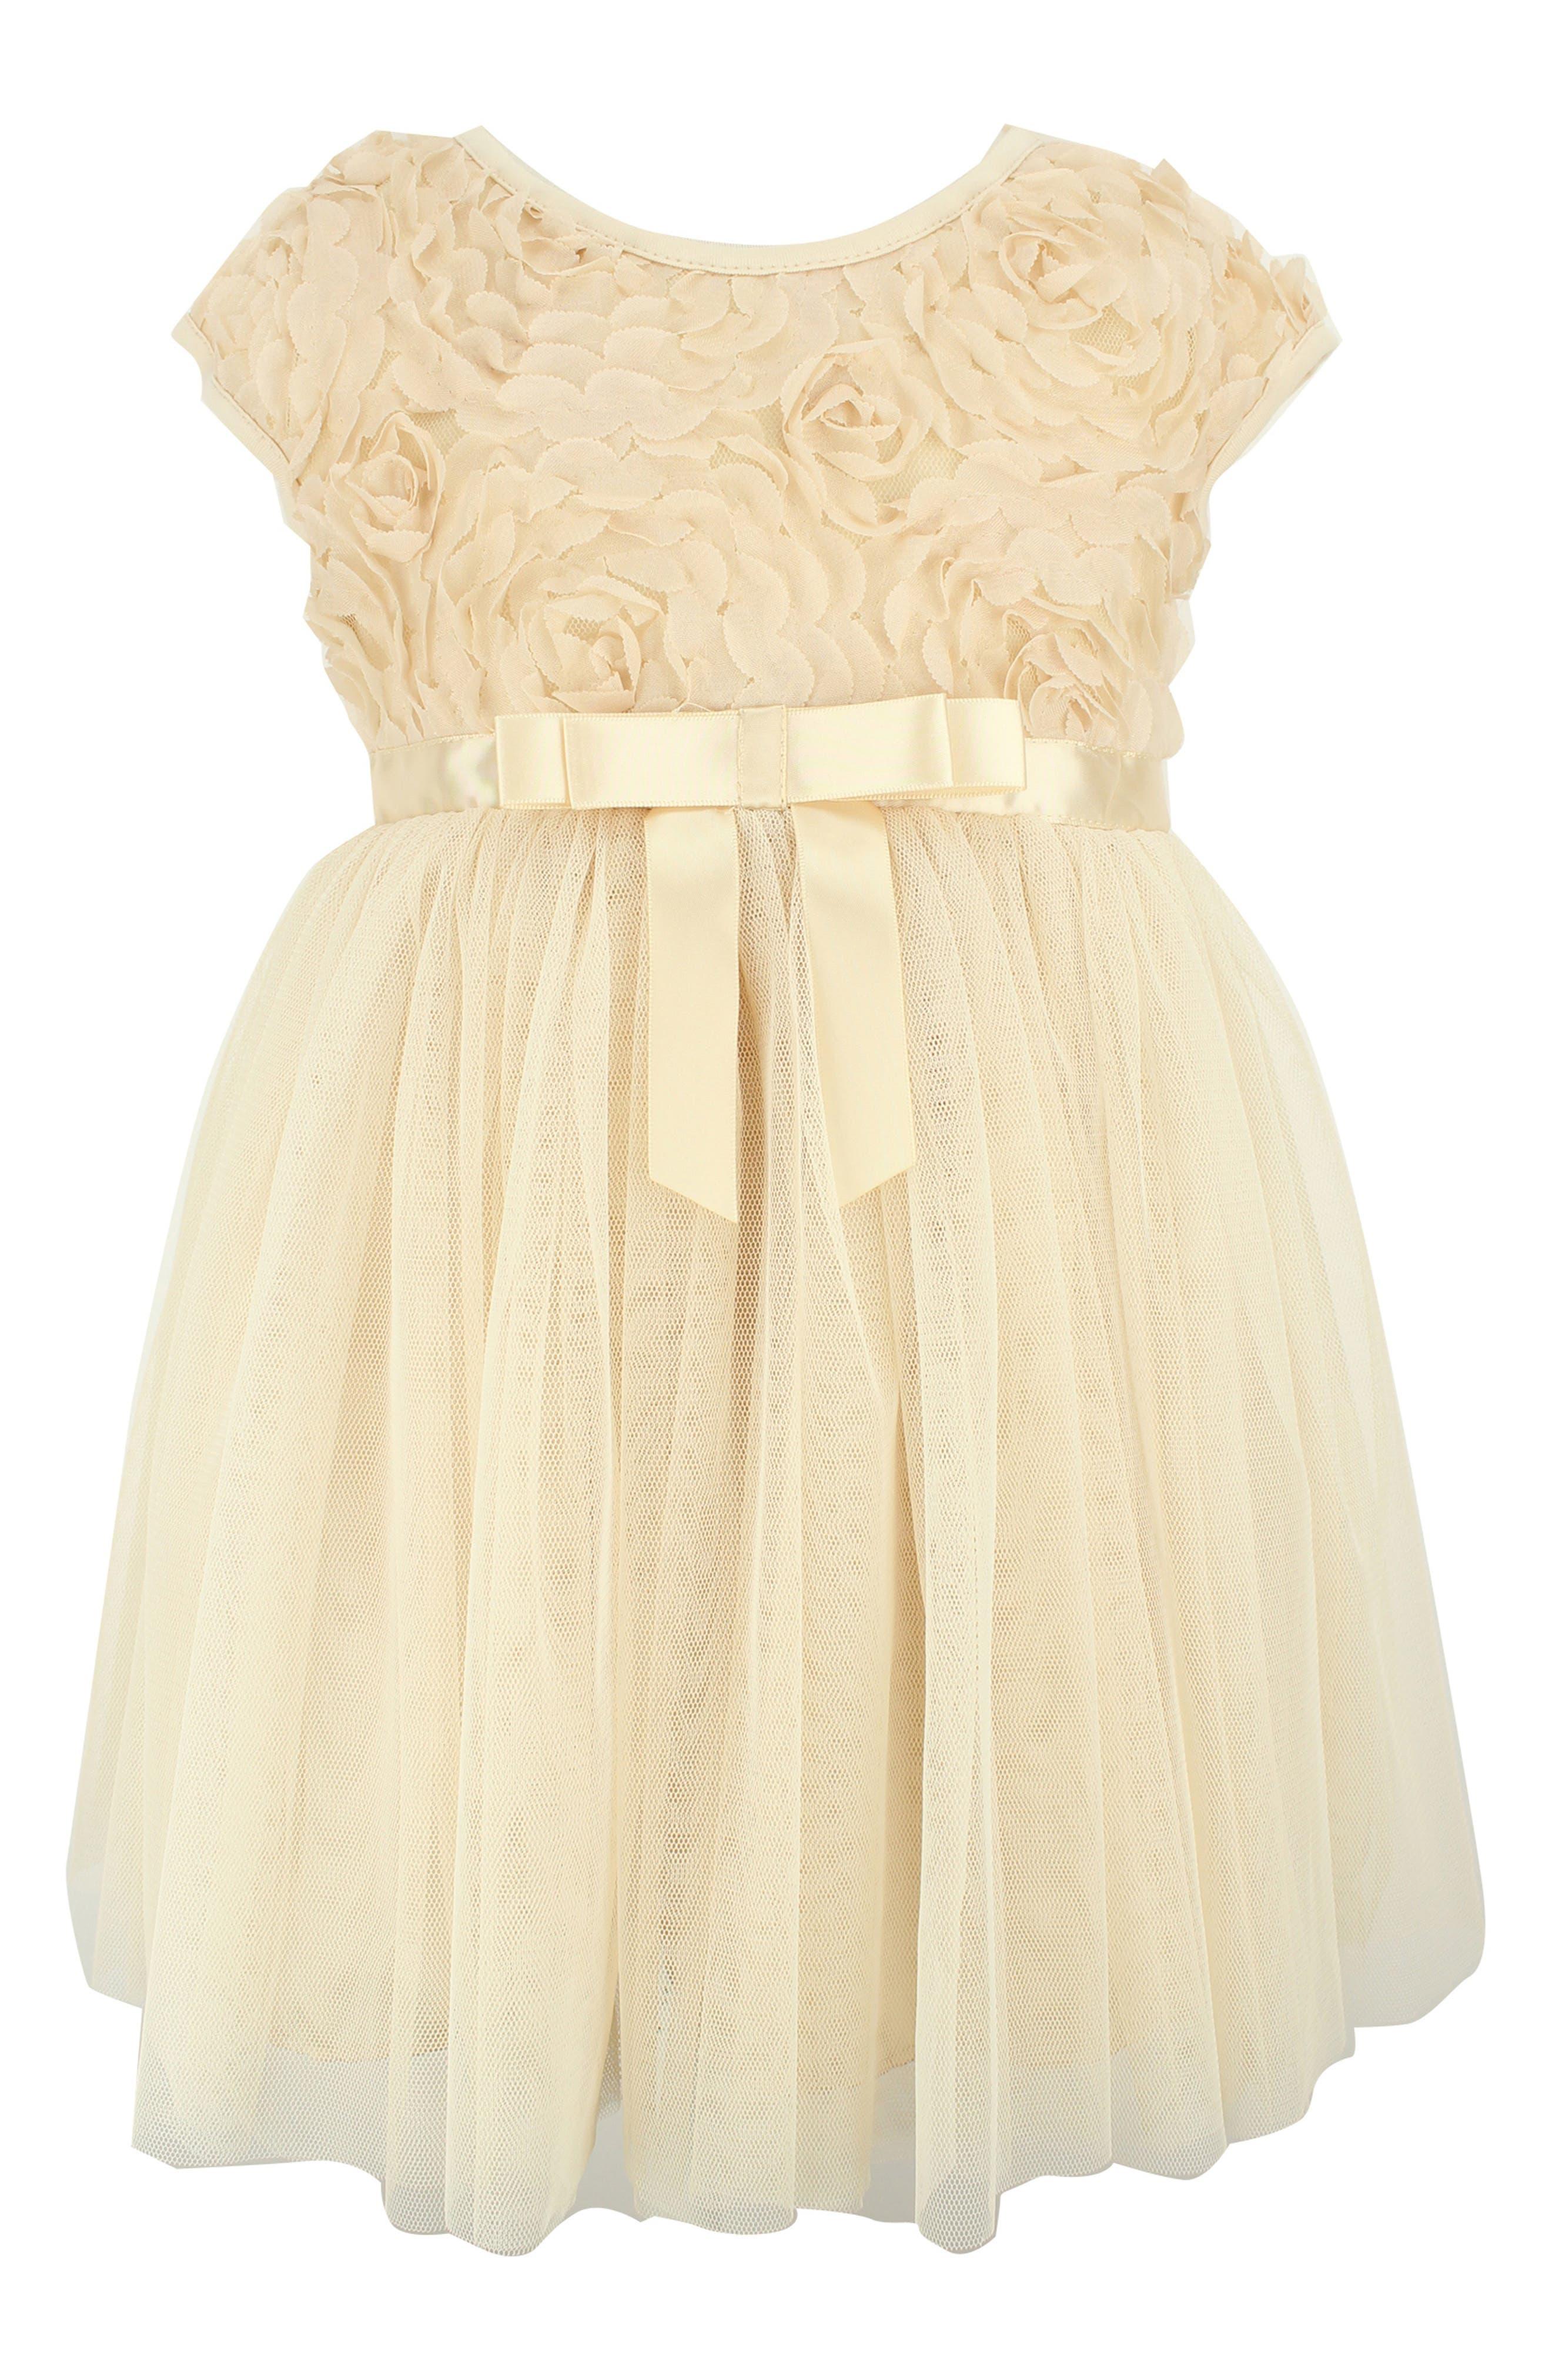 POPATU, Rosette Tulle Dress, Main thumbnail 1, color, IVORY